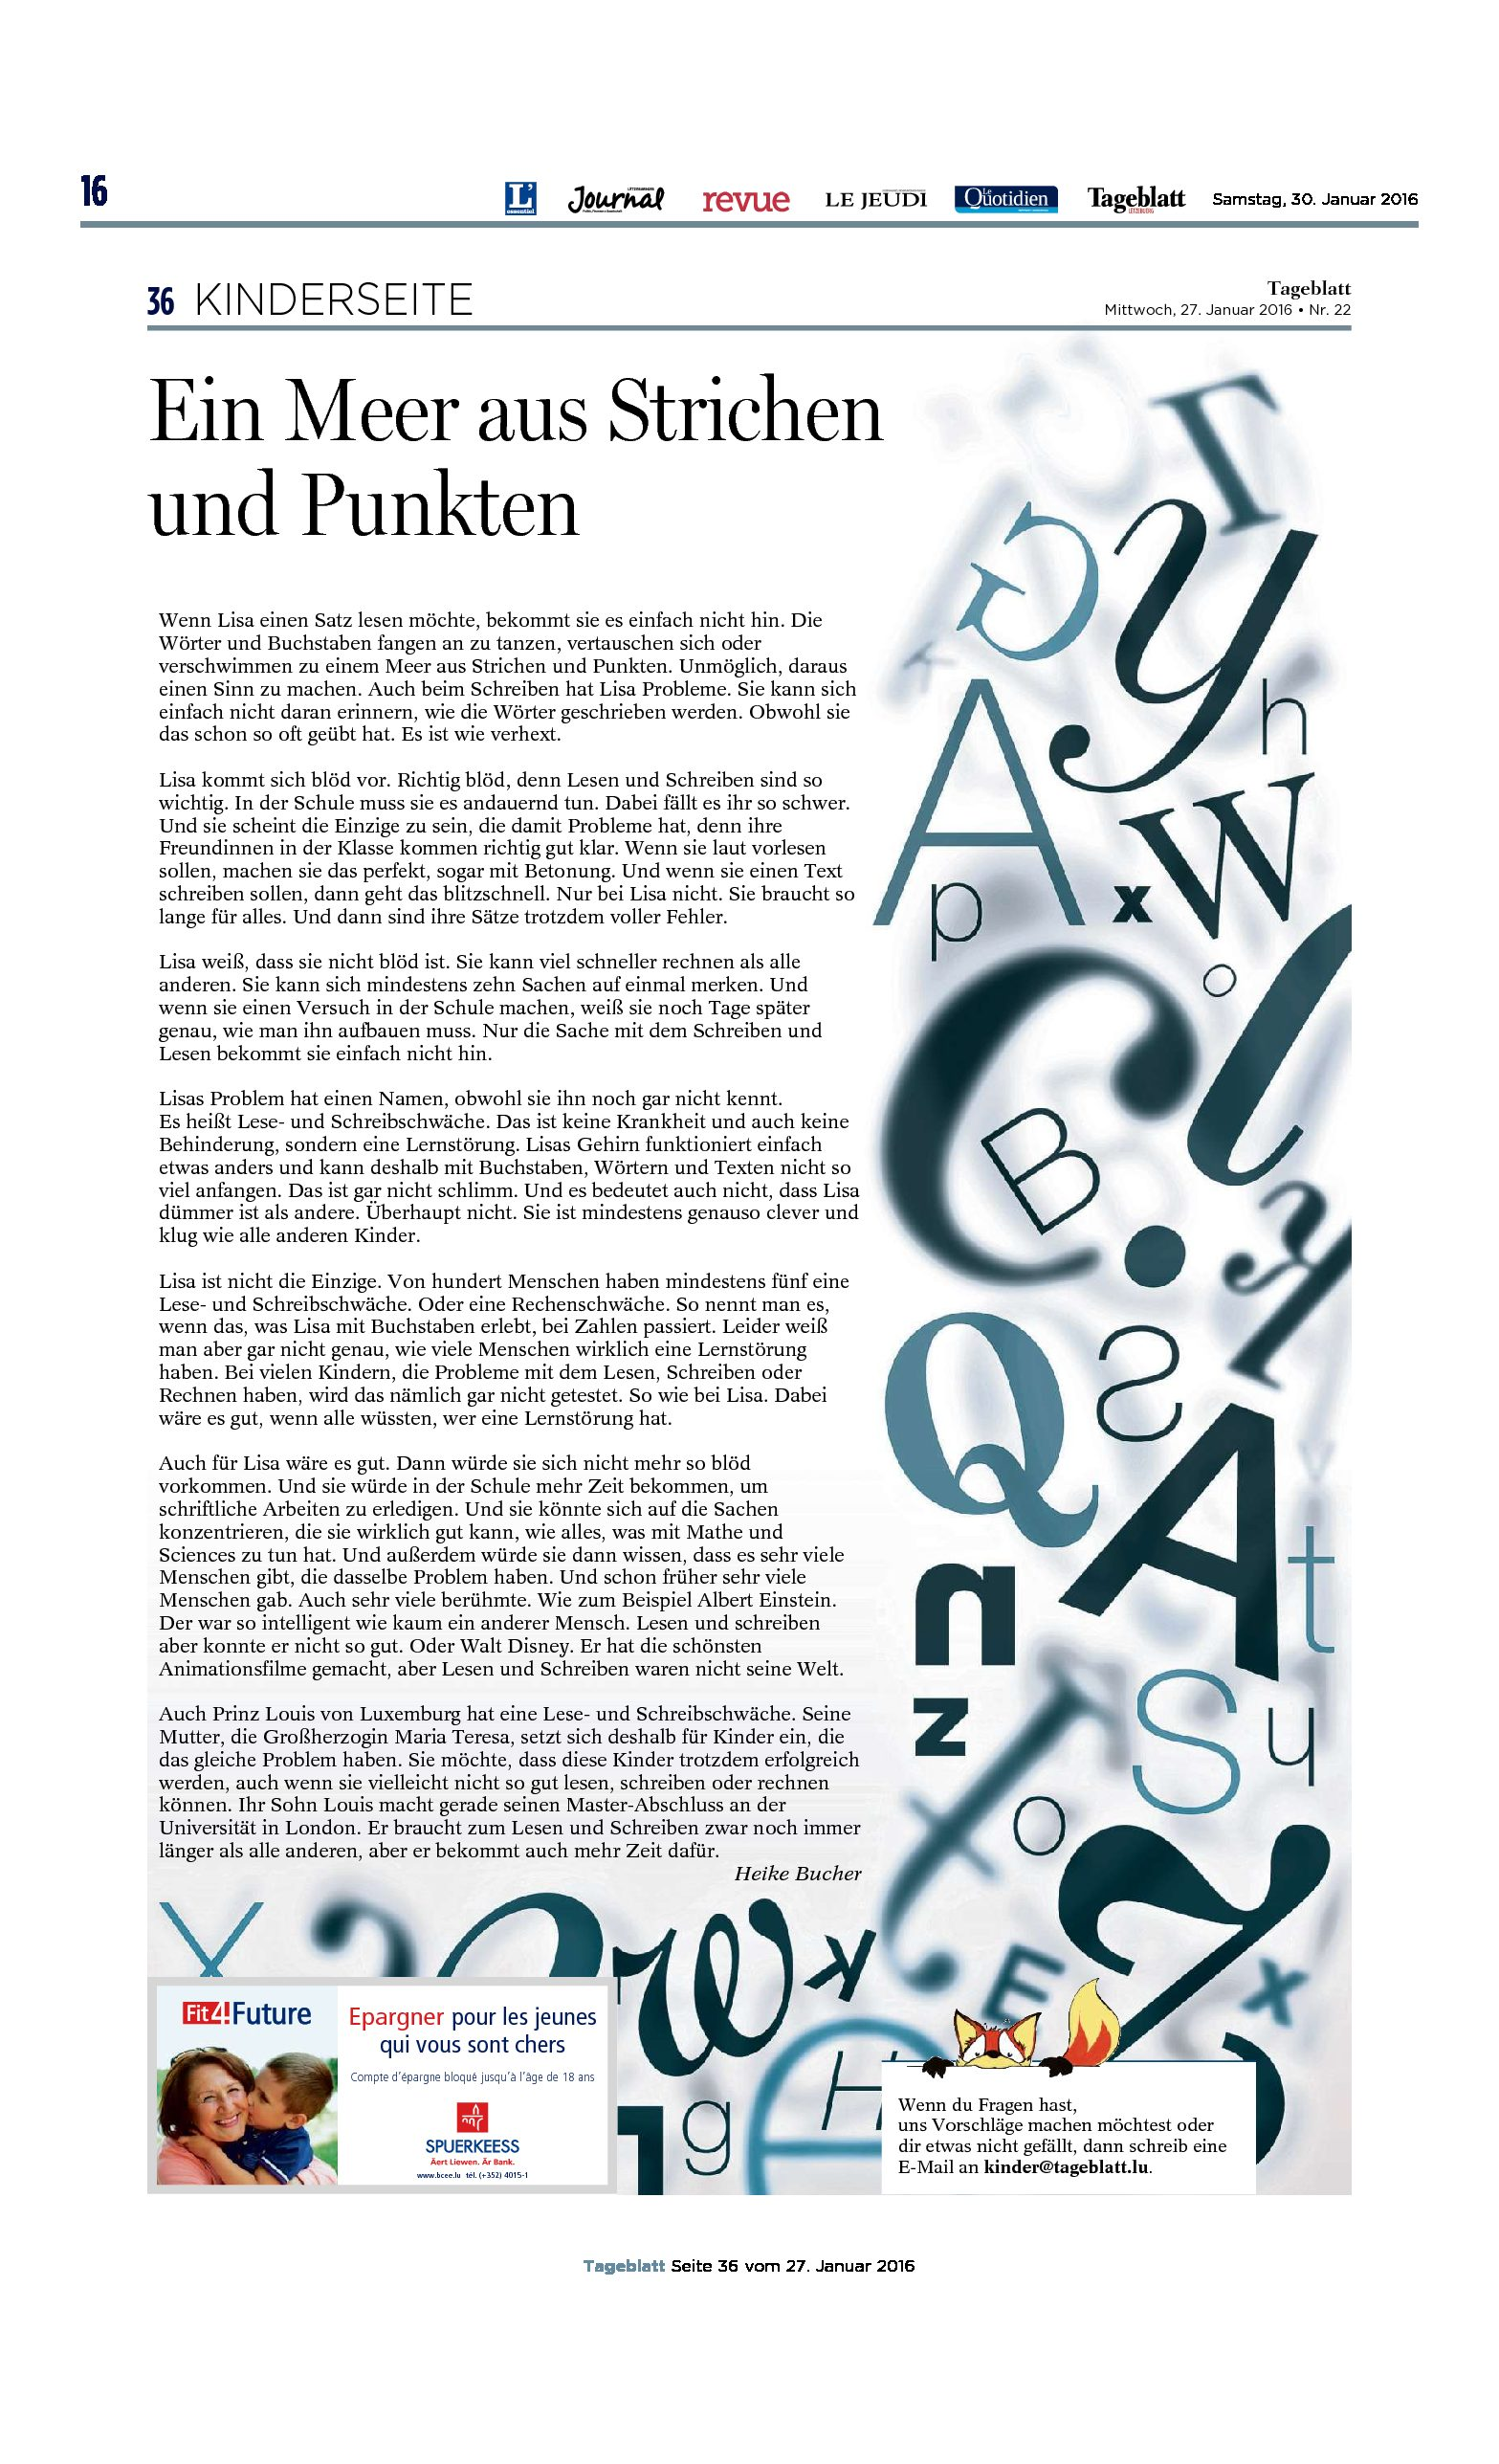 Tageblatt_Ein-Meer-aus-Strichen-und-Punkten_27-01-2016-pdf